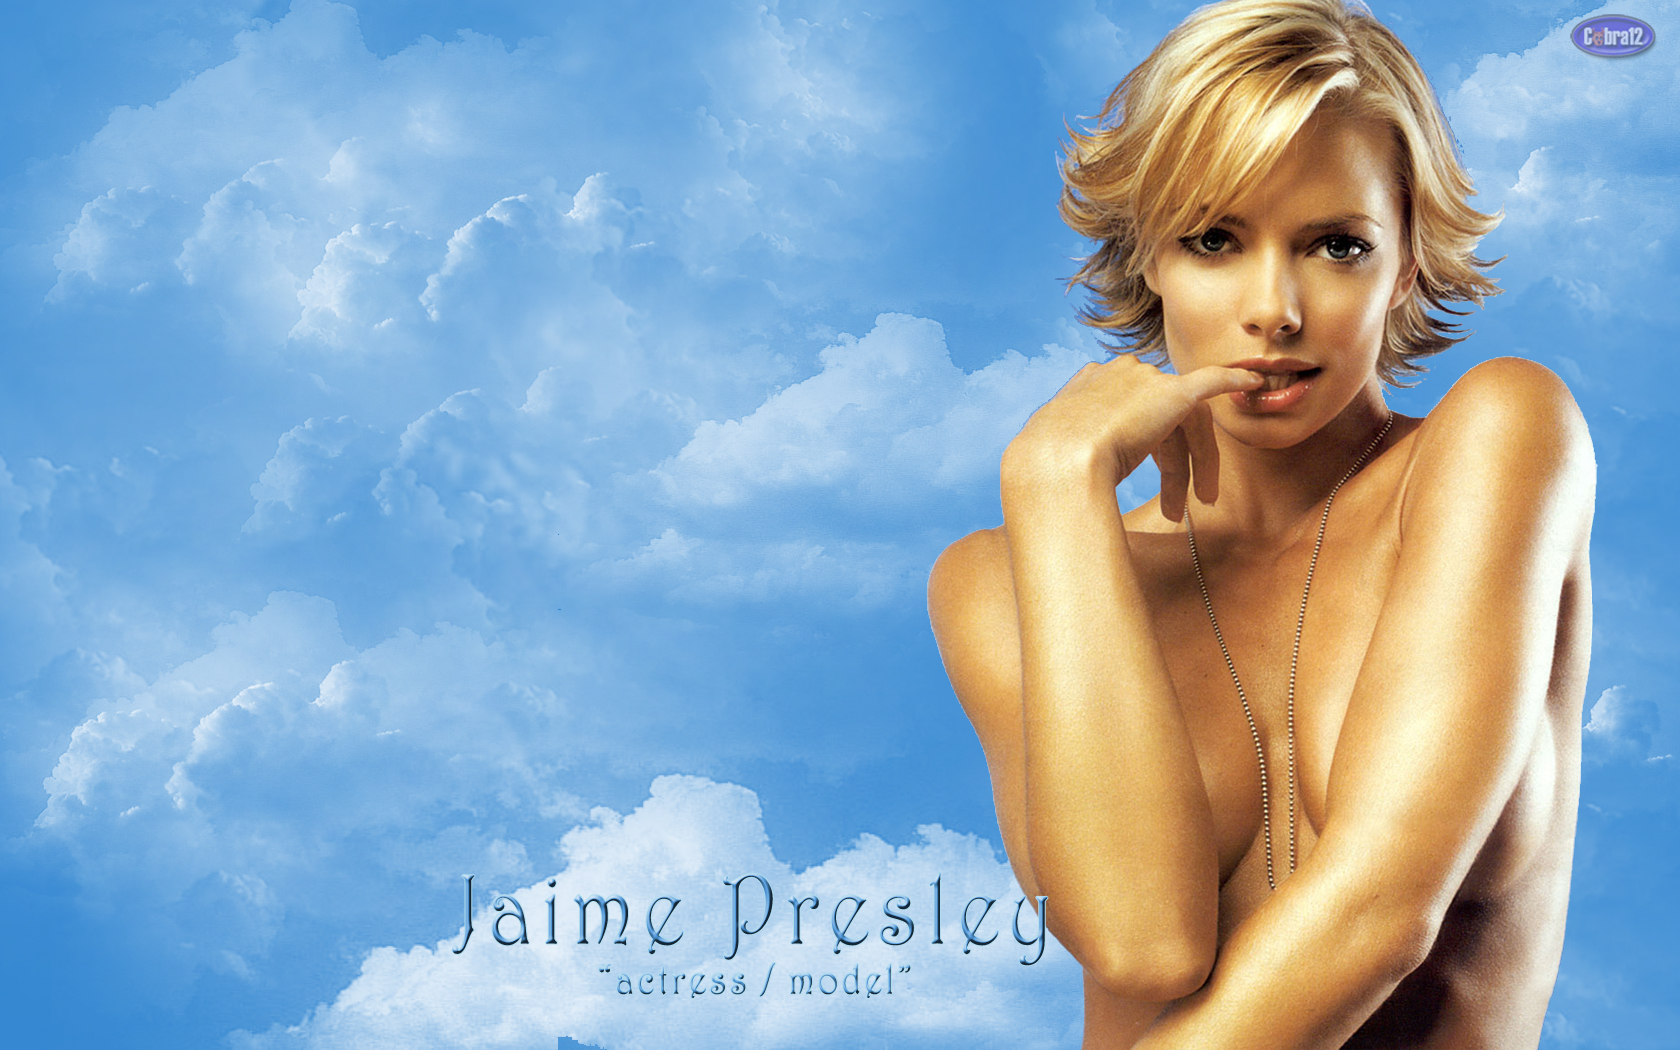 Jaime presley